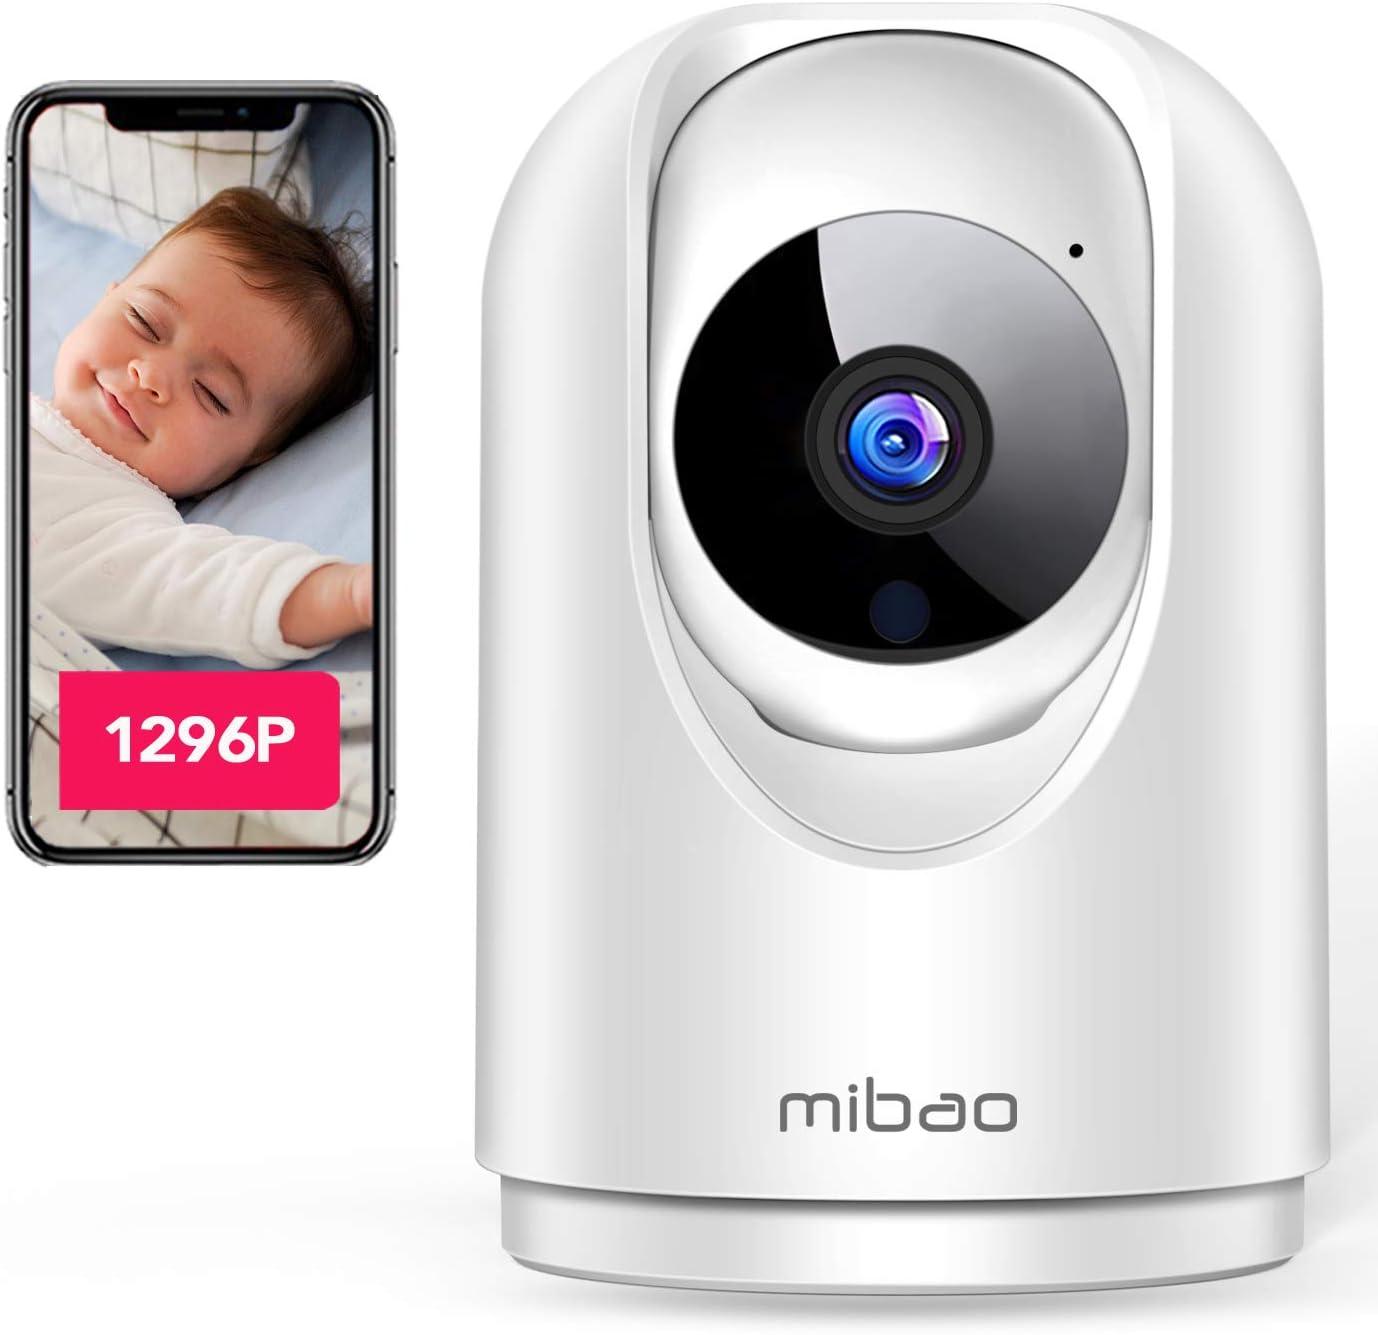 【Última versión 2020】 1296P Cámara de Vigilancia Interior, Cámara IP Mibao 3MP WiFi, Visión Nocturna, Detección Remota de Movimiento, Aviso de Aplicación, Audio Bidireccional, Trabajo con Alexa